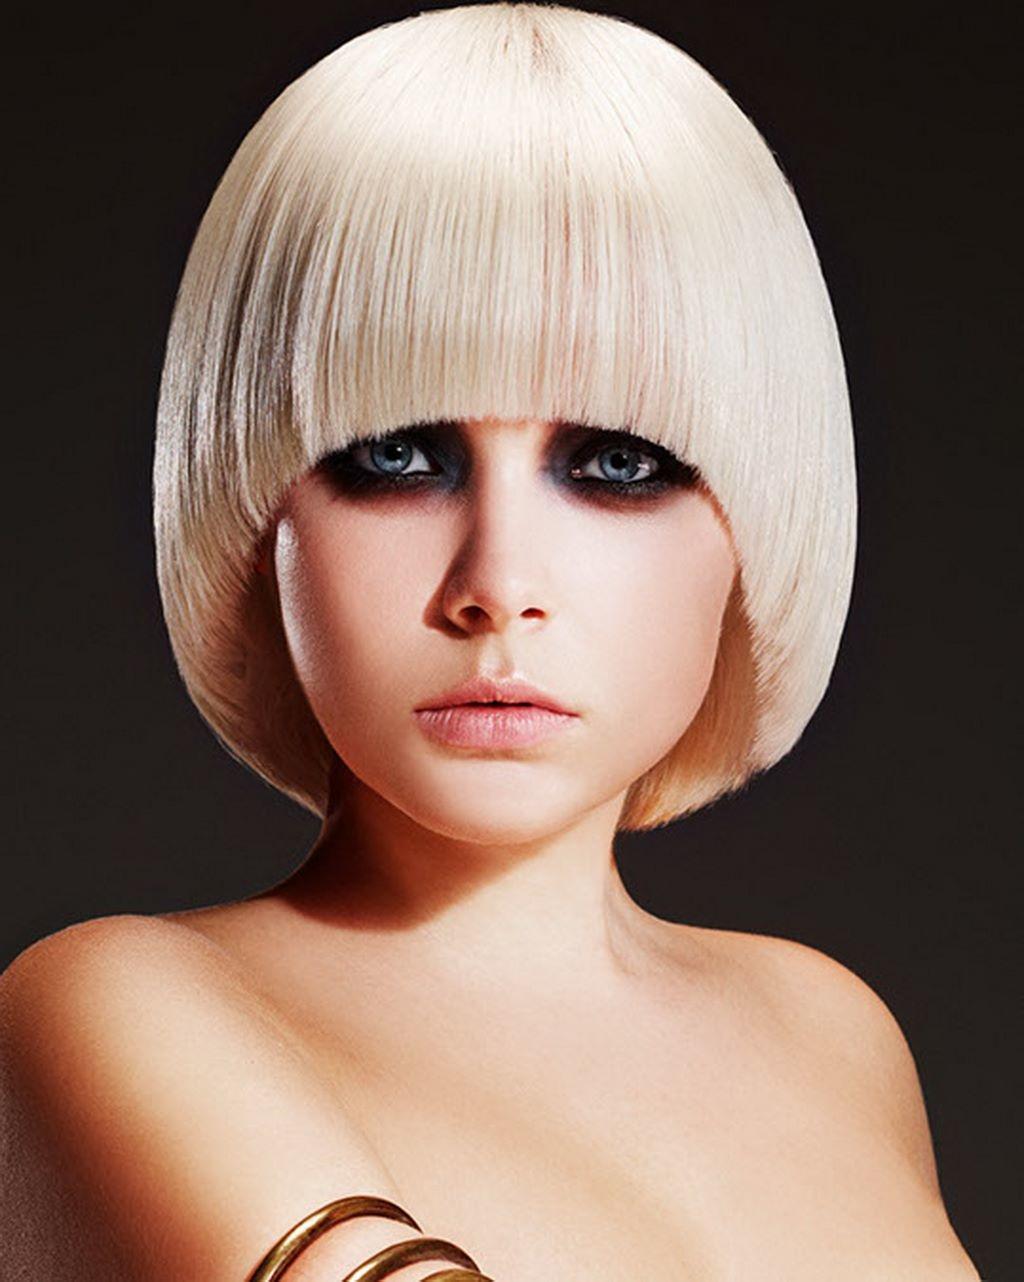 image24-36 | Модные женские стрижки на короткие волосы: основные правила и варианты исполнения